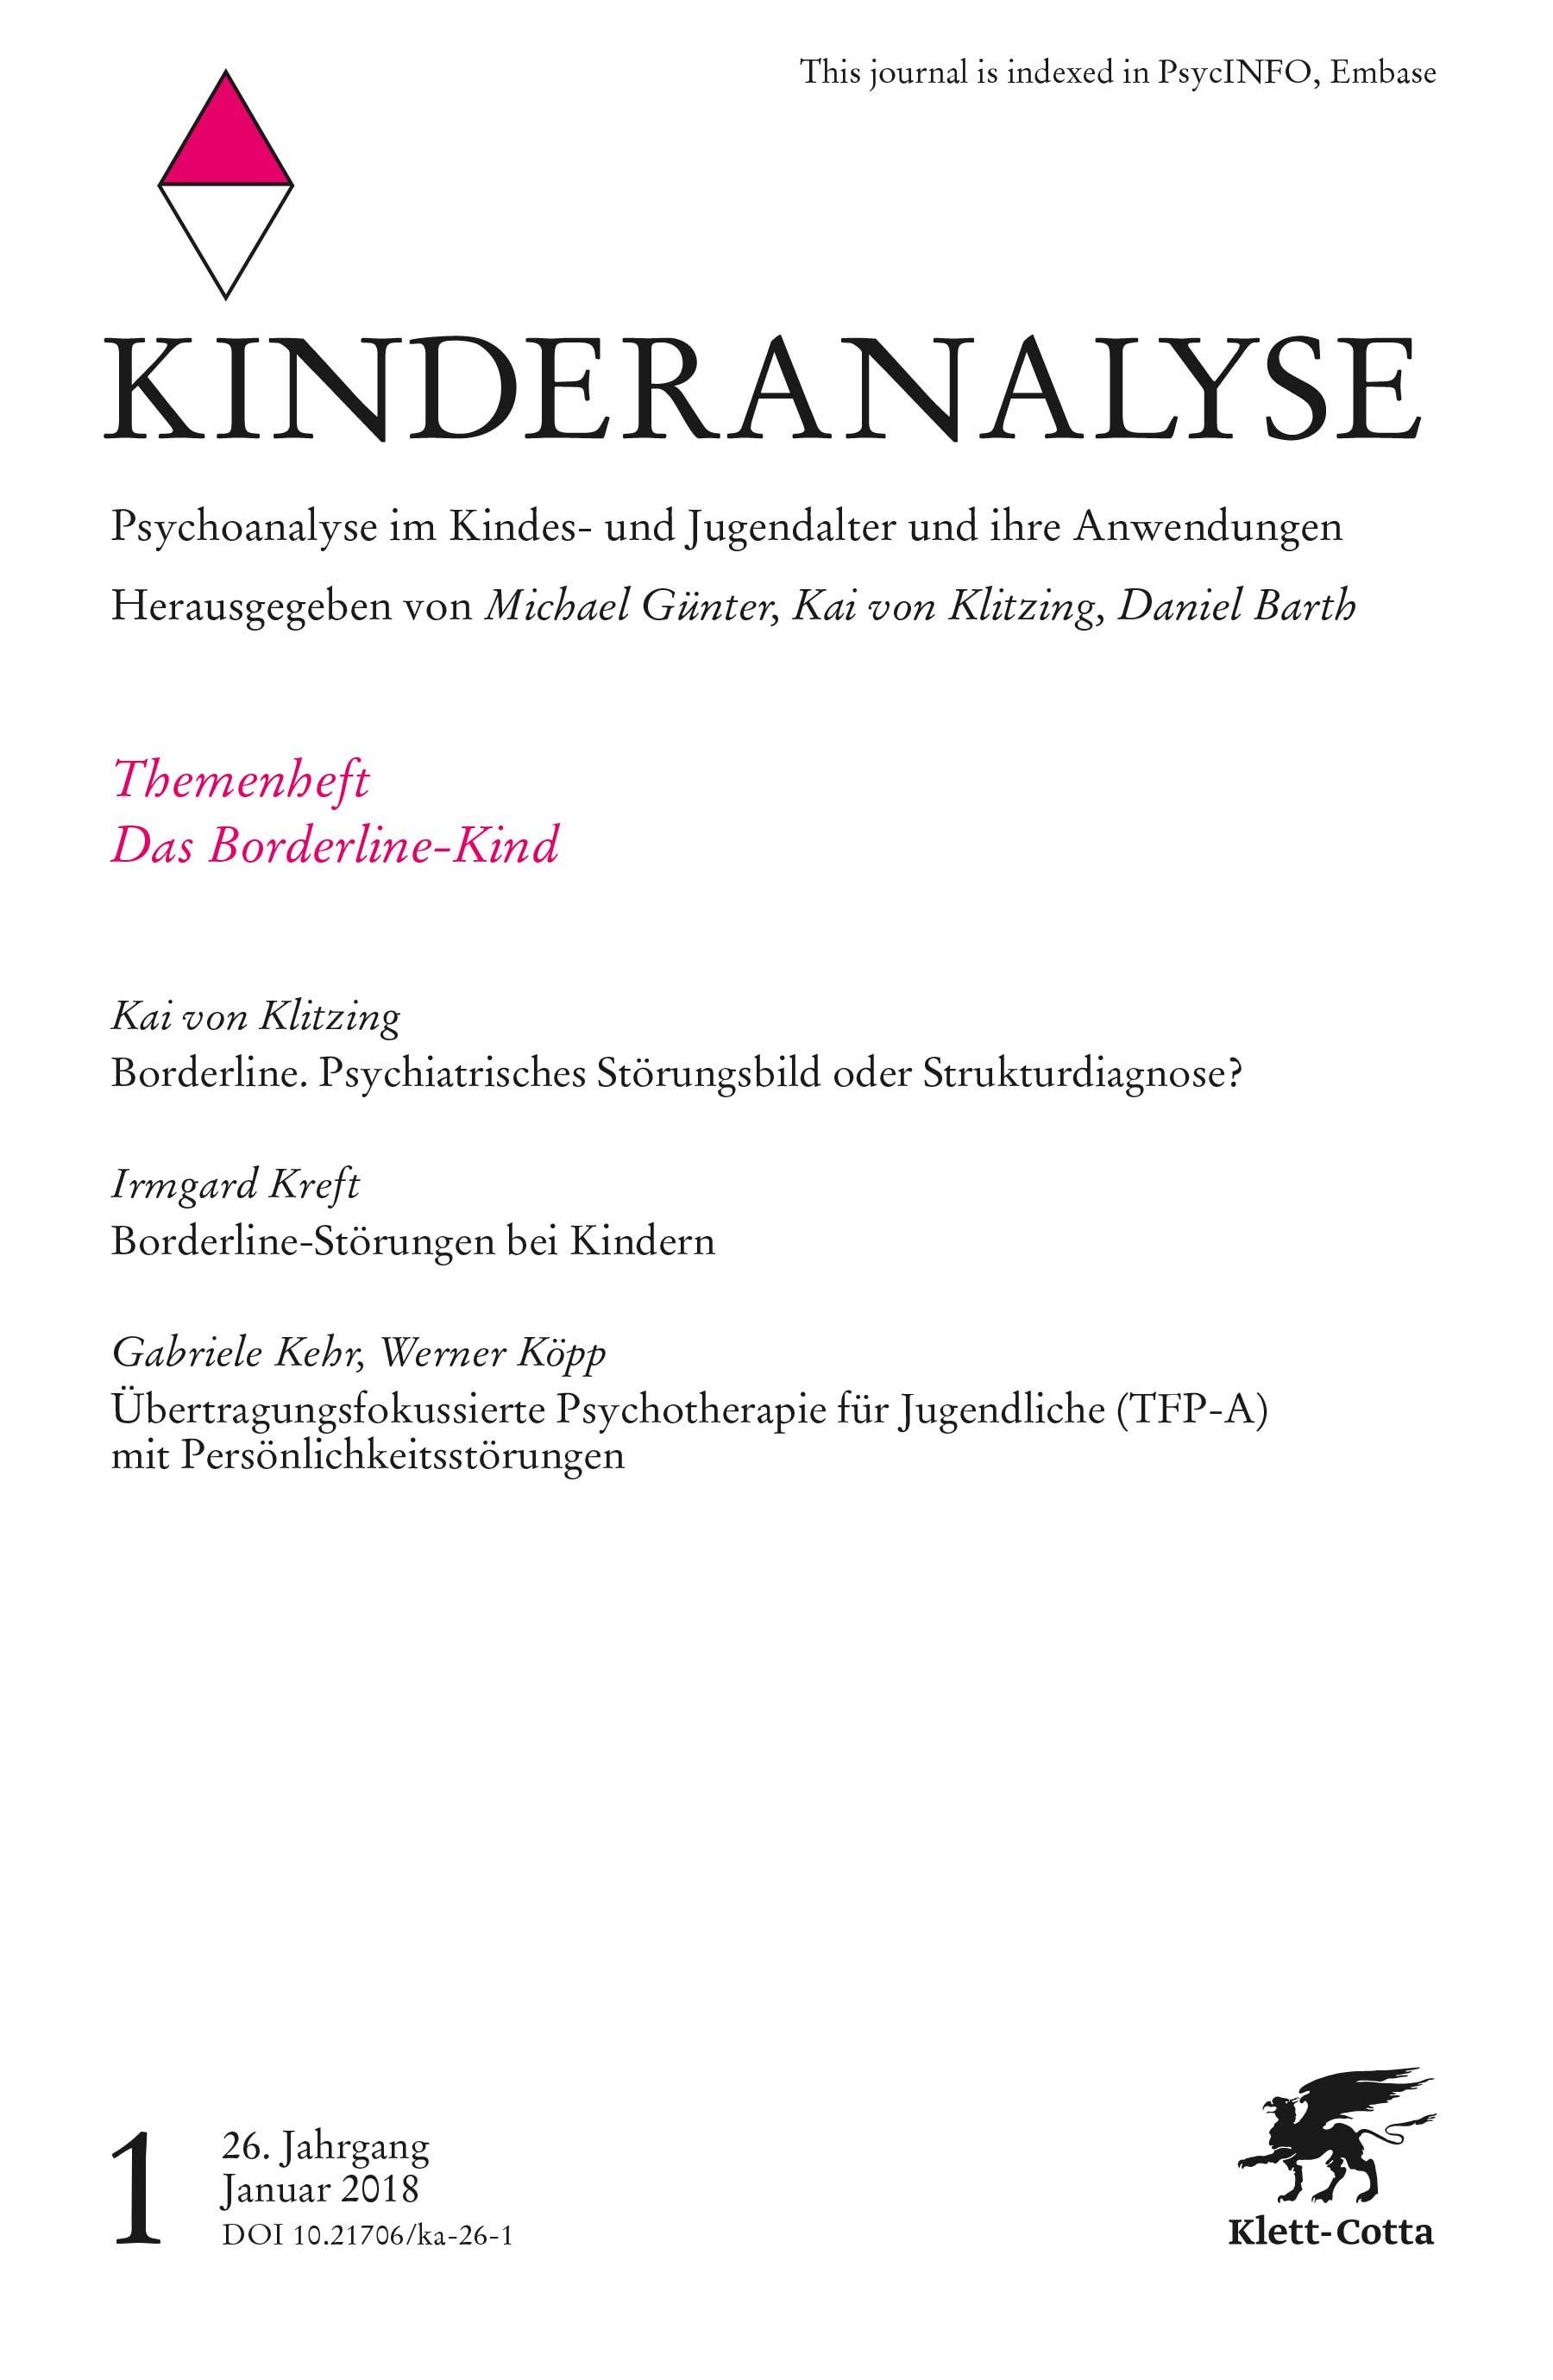 KINDERANALYSE - Zeitschrift für Psychoanalyse im Kindes- und Jugendalter